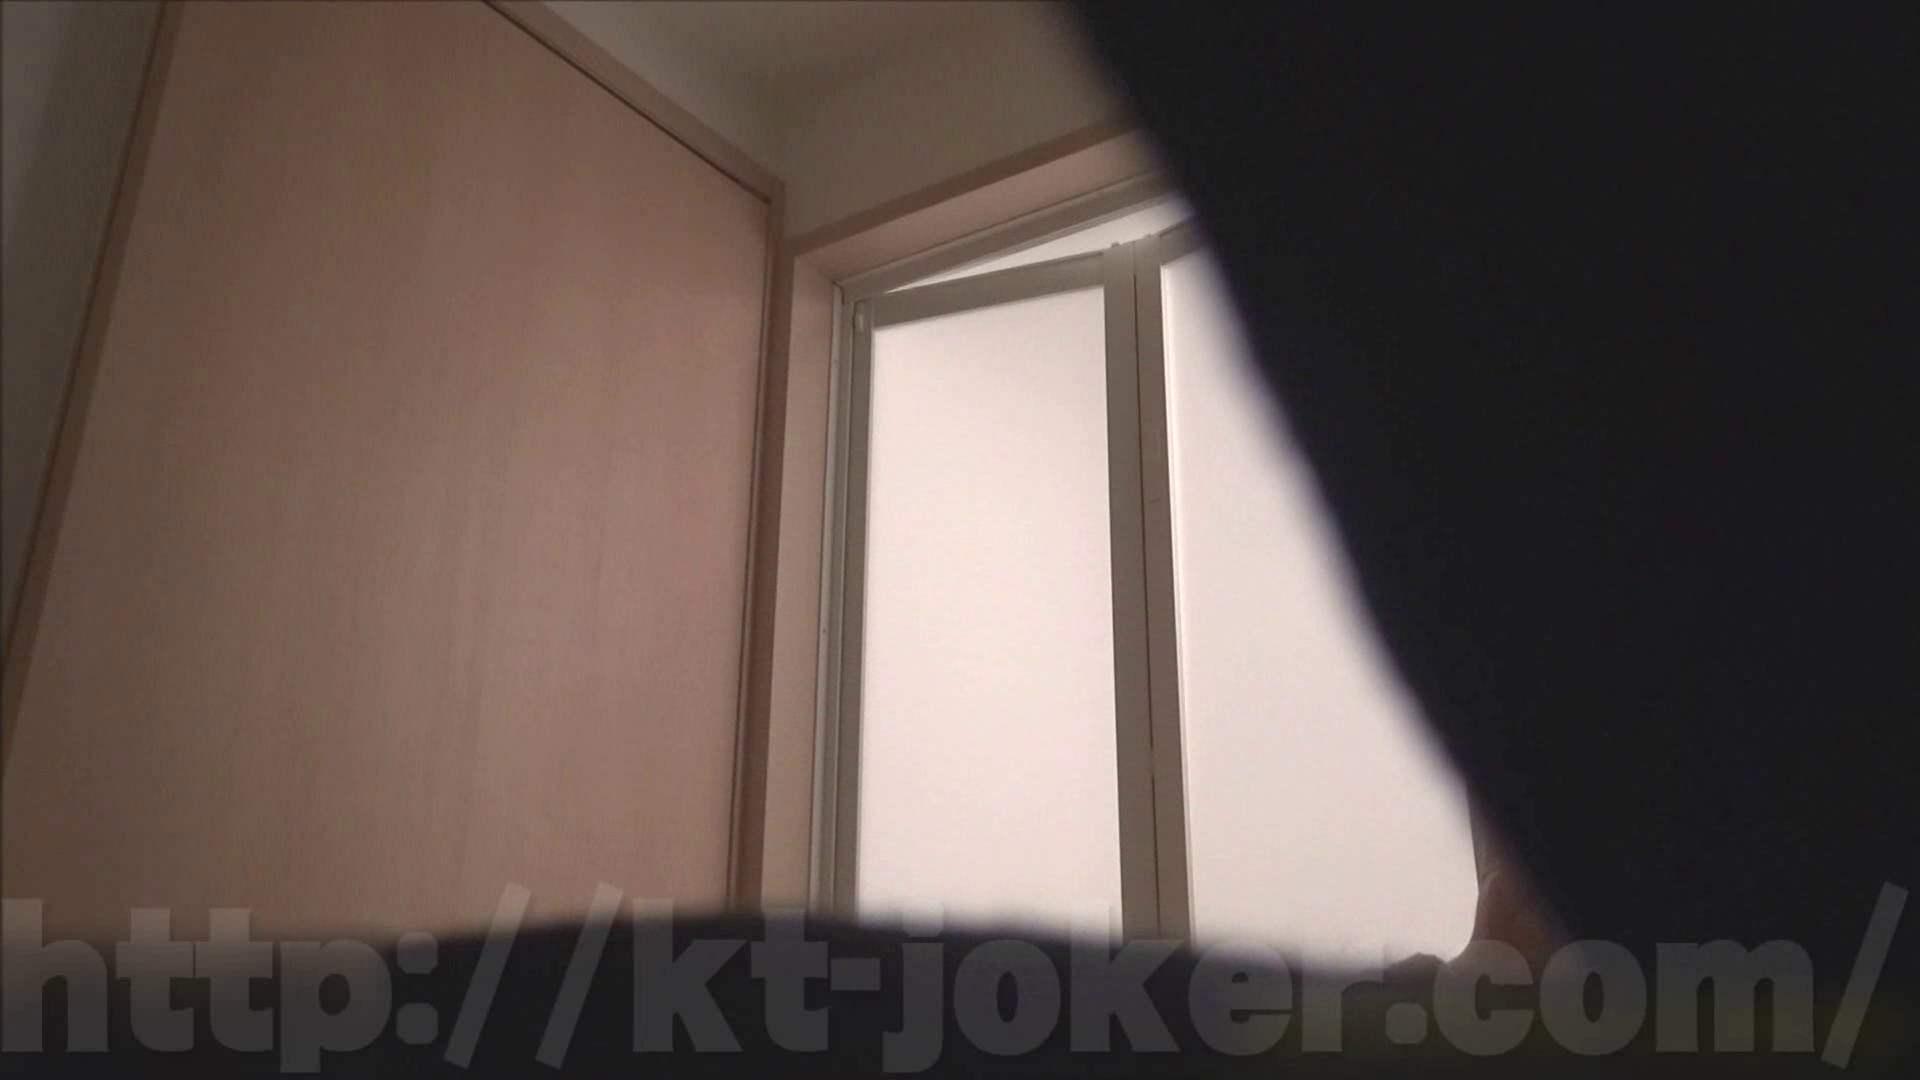 イ・タ・ズ・ラ劇場 Vol.46 OLのエロ生活  108連発 5